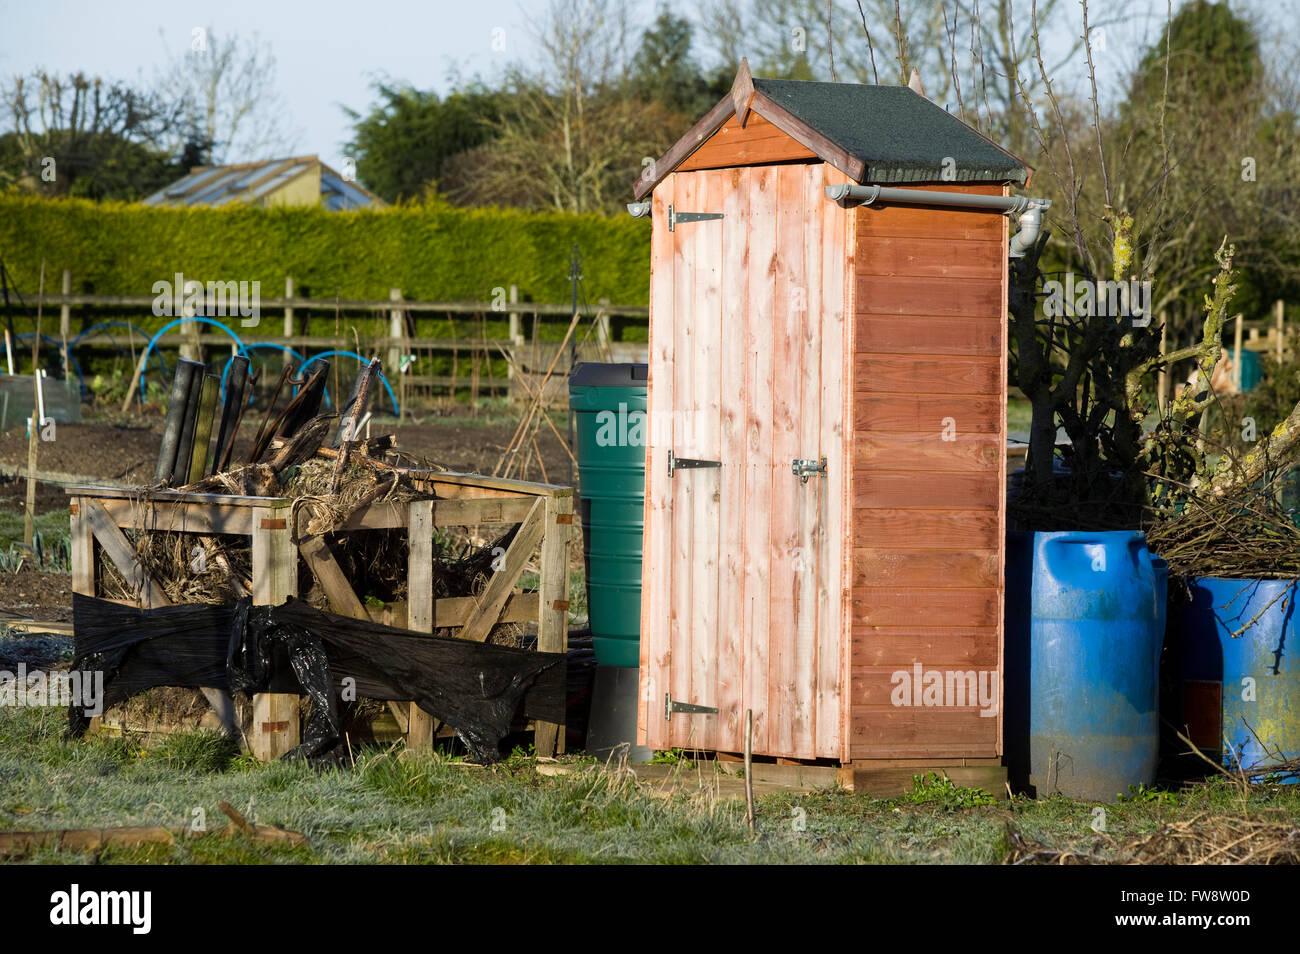 Ein Kleiner Geräteschuppen Auf Eine Zuteilung Oder Im Garten Zur Lagerung  Von Gartengeräten, Die Struktur Oder Gebäude Ist Nur Groß Genug, ...